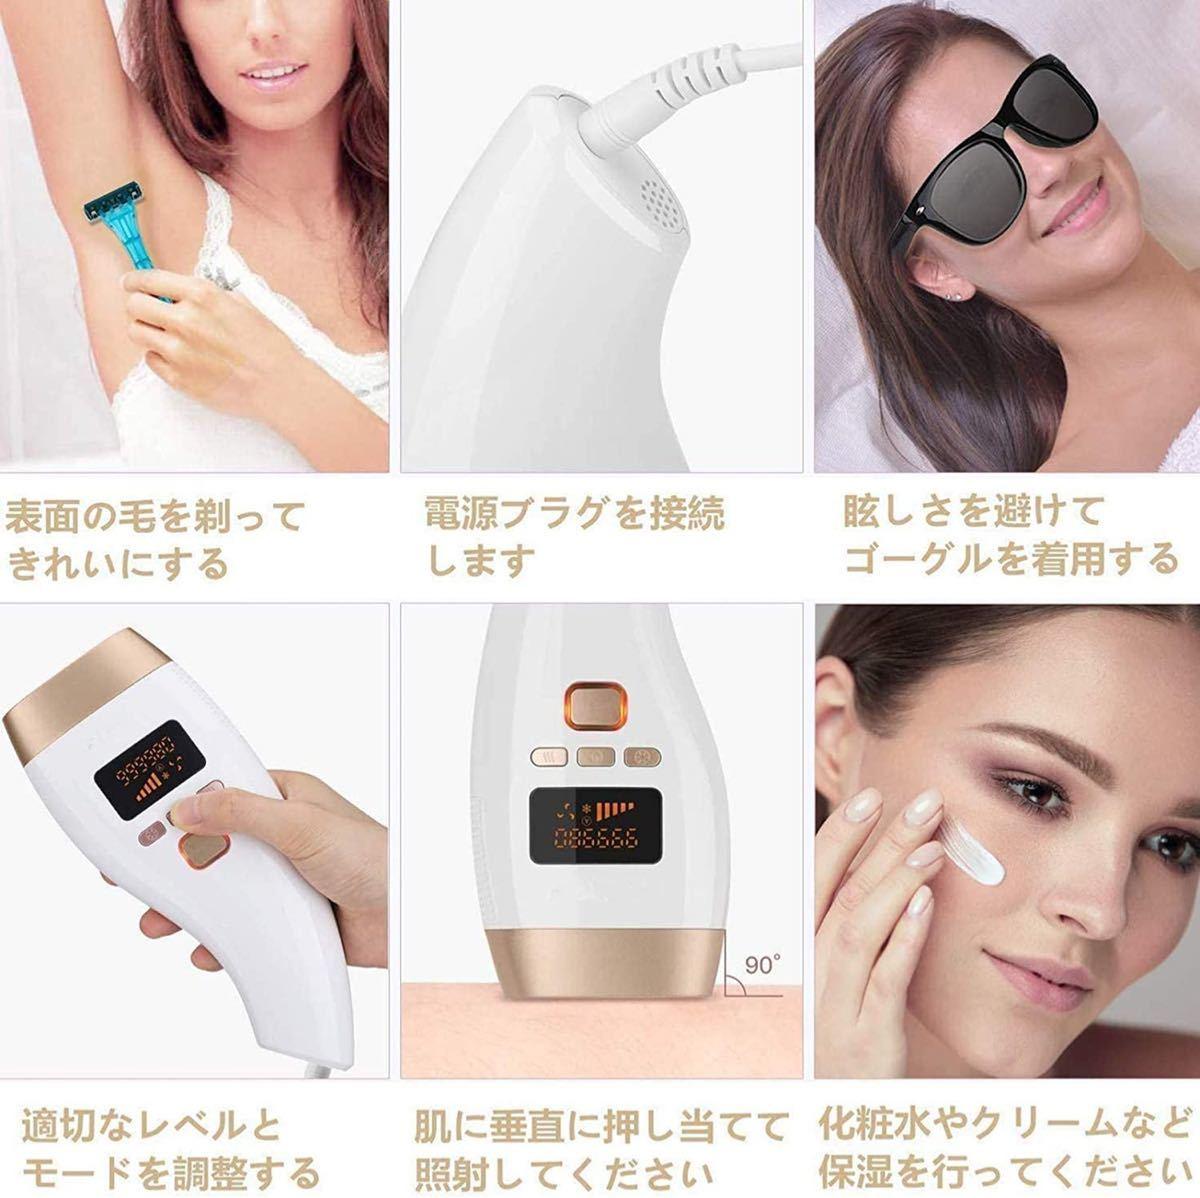 脱毛器 レーザー 冷感脱毛 永久脱毛 IPL光脱毛器 光美容器  日本語説明書